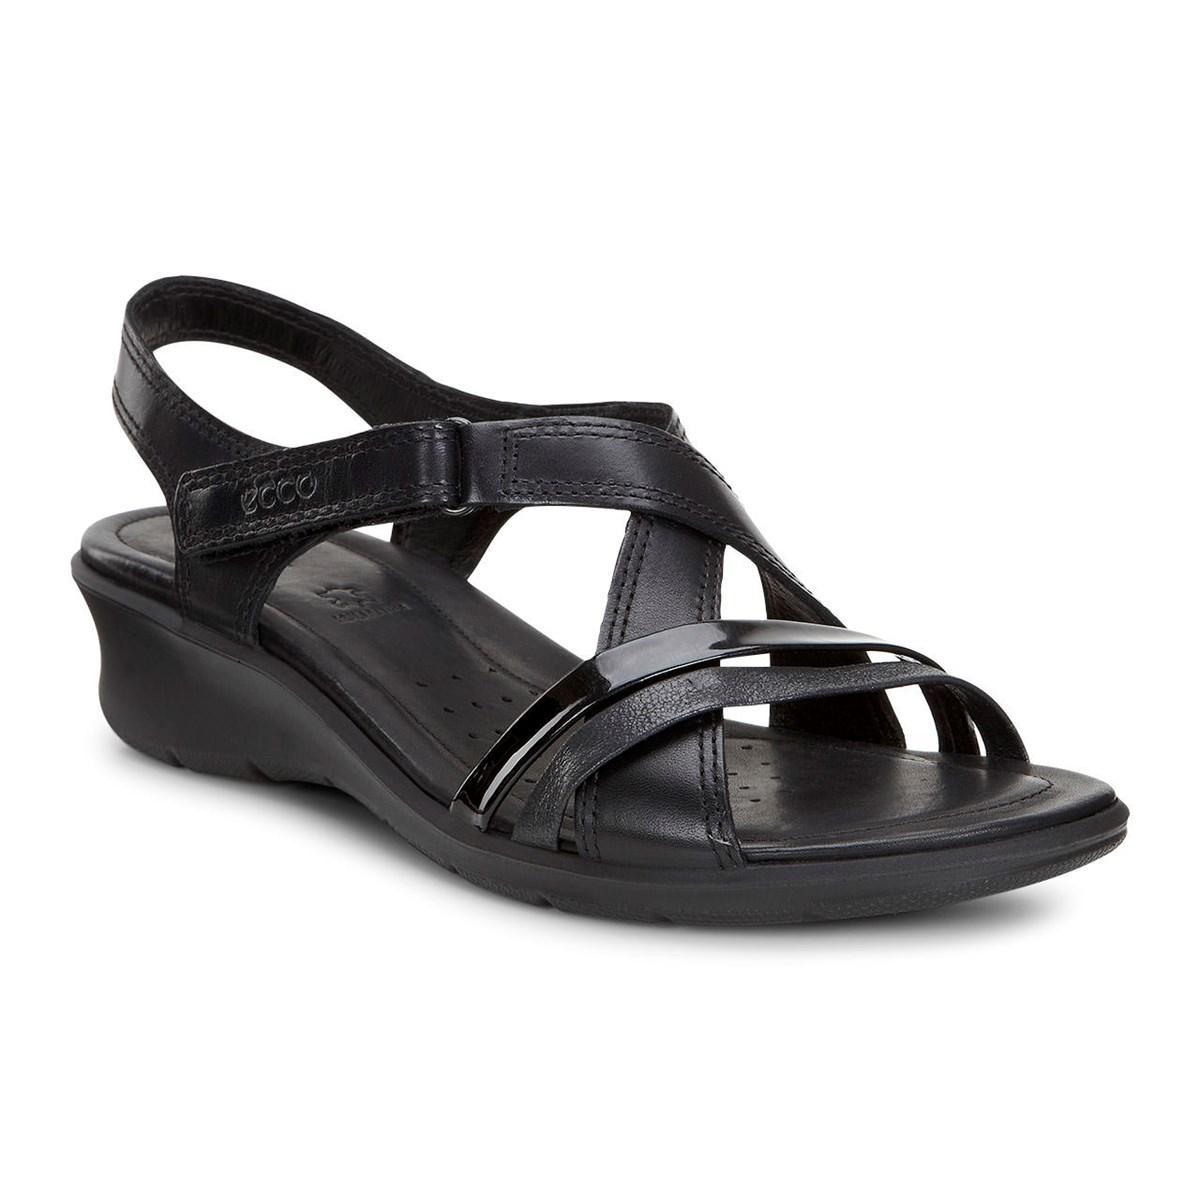 09b0de991abc New Arrivals - FELICIA SANDAL - ECCO Shoes NZ